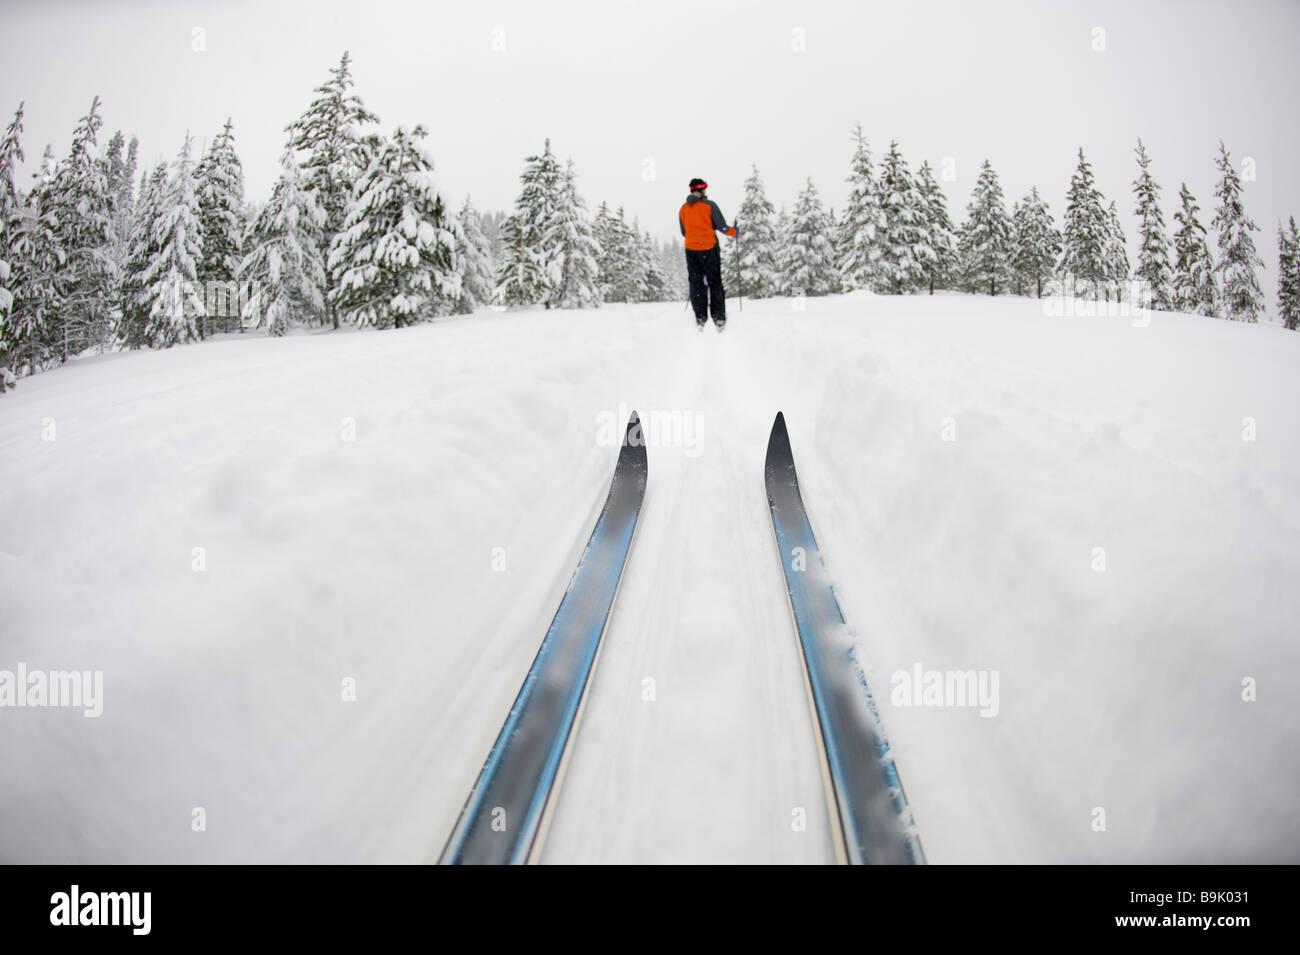 Basso angolo vista di sci di fondo consigli e una giovane donna lo sci nordico su un cross country prova nella neve Immagini Stock